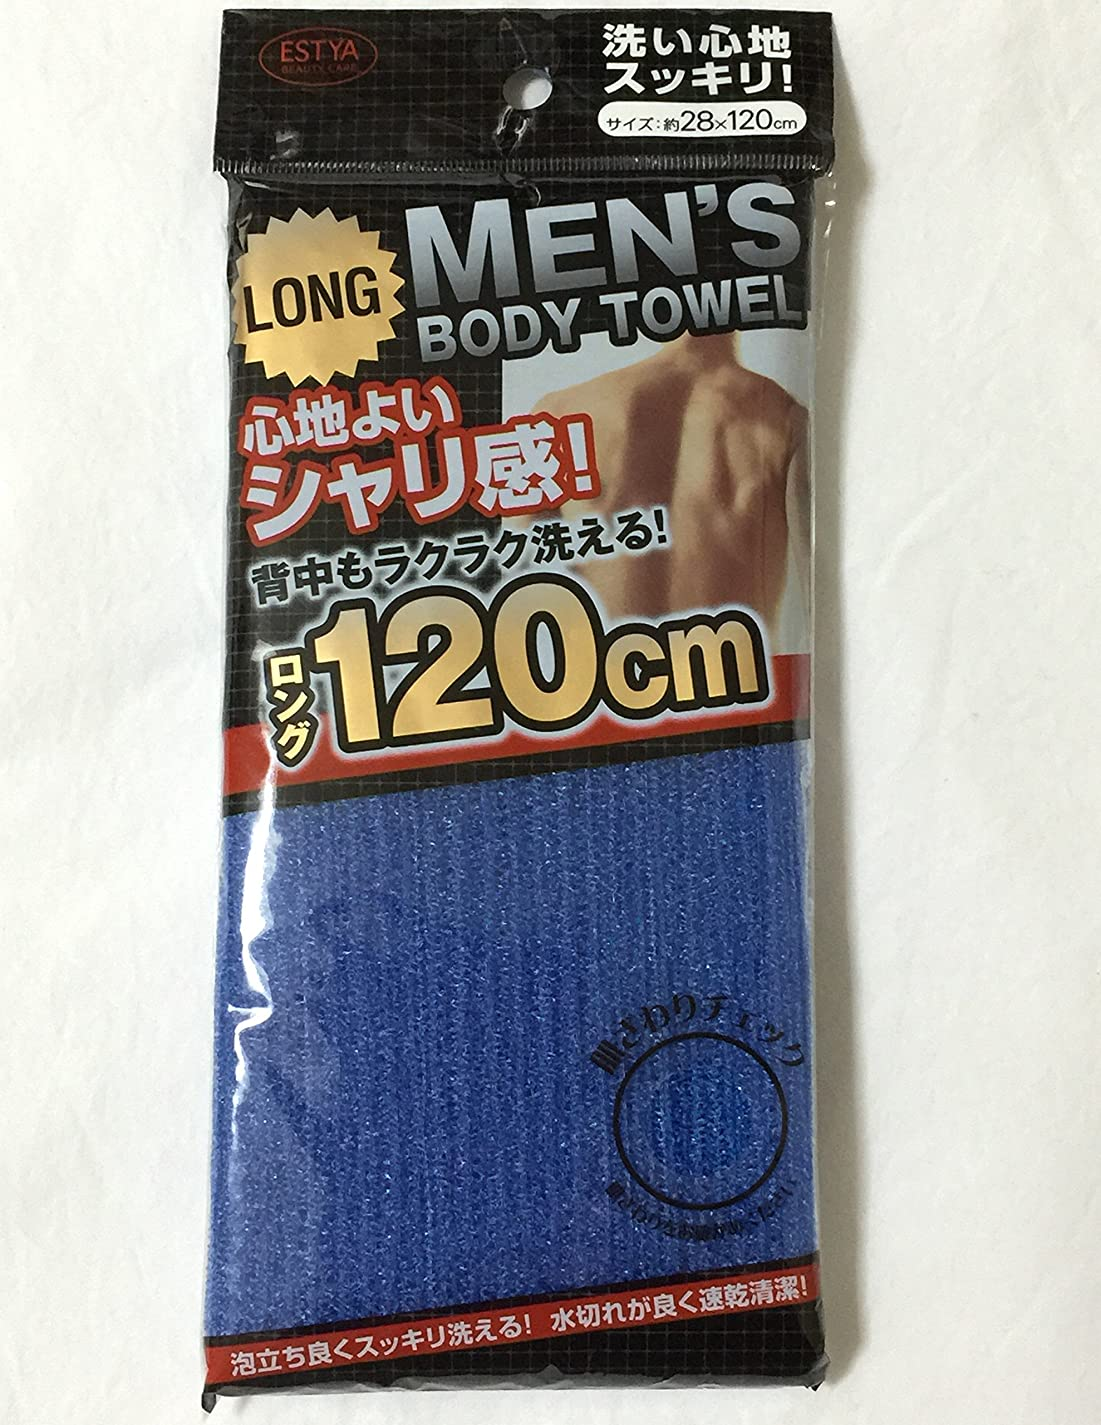 反動現れるコンチネンタルメンズ ボディー  タオル 120cm ( かため ) スッキリ 爽快 ! 男性用 ロング ナイロン タオル